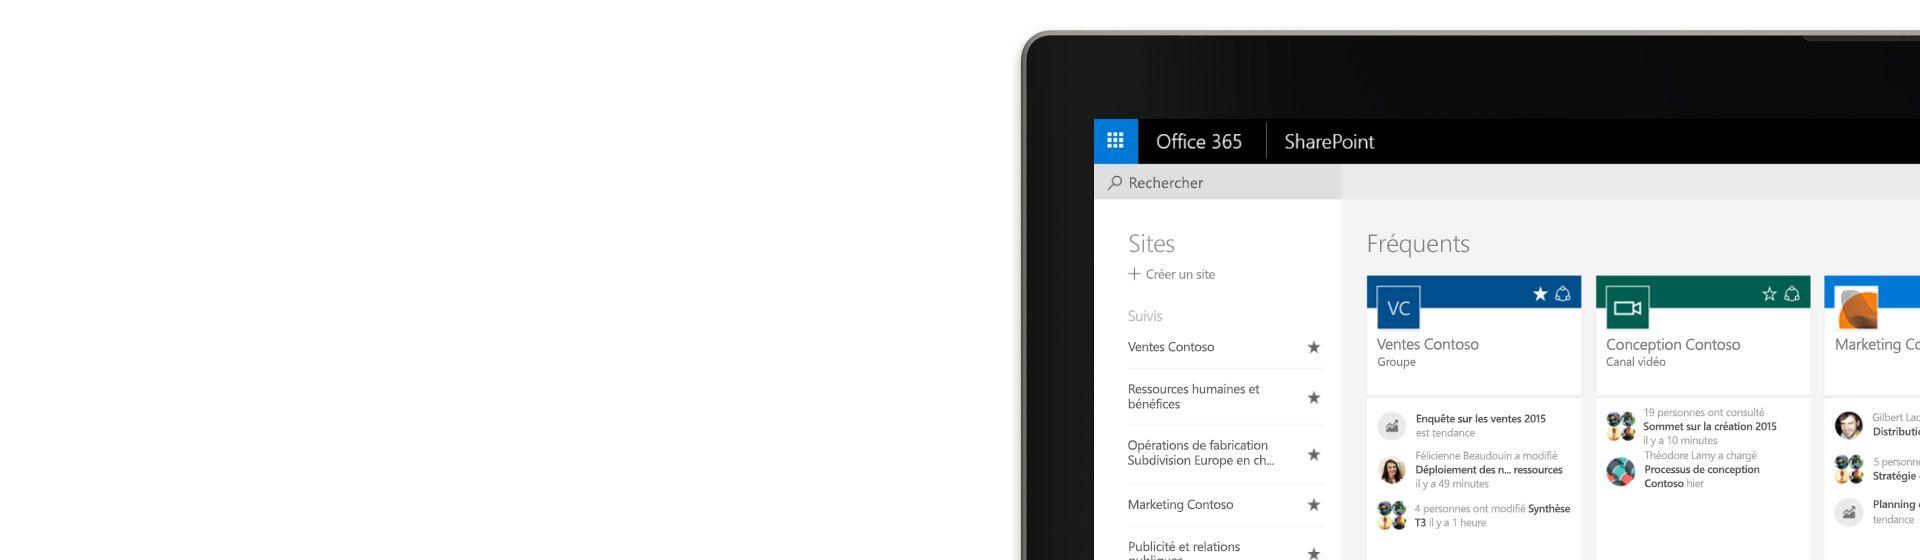 Angle de l'écran d'un ordinateur affichant une liste de sites d'équipe dans SharePoint